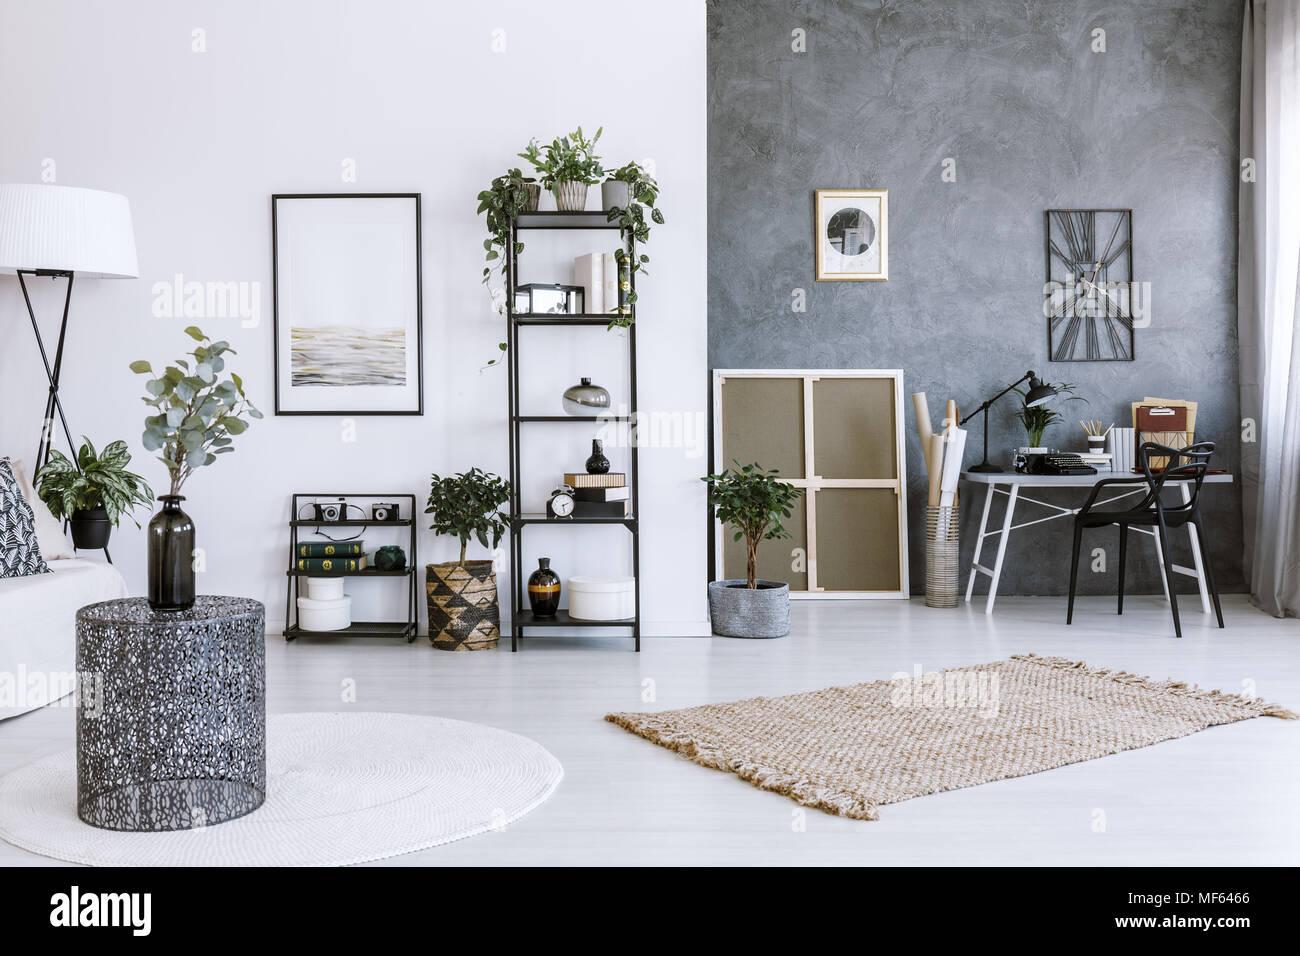 Piante Ufficio Open Space : Ufficio moderno spazio interno con piante tavolo in metallo